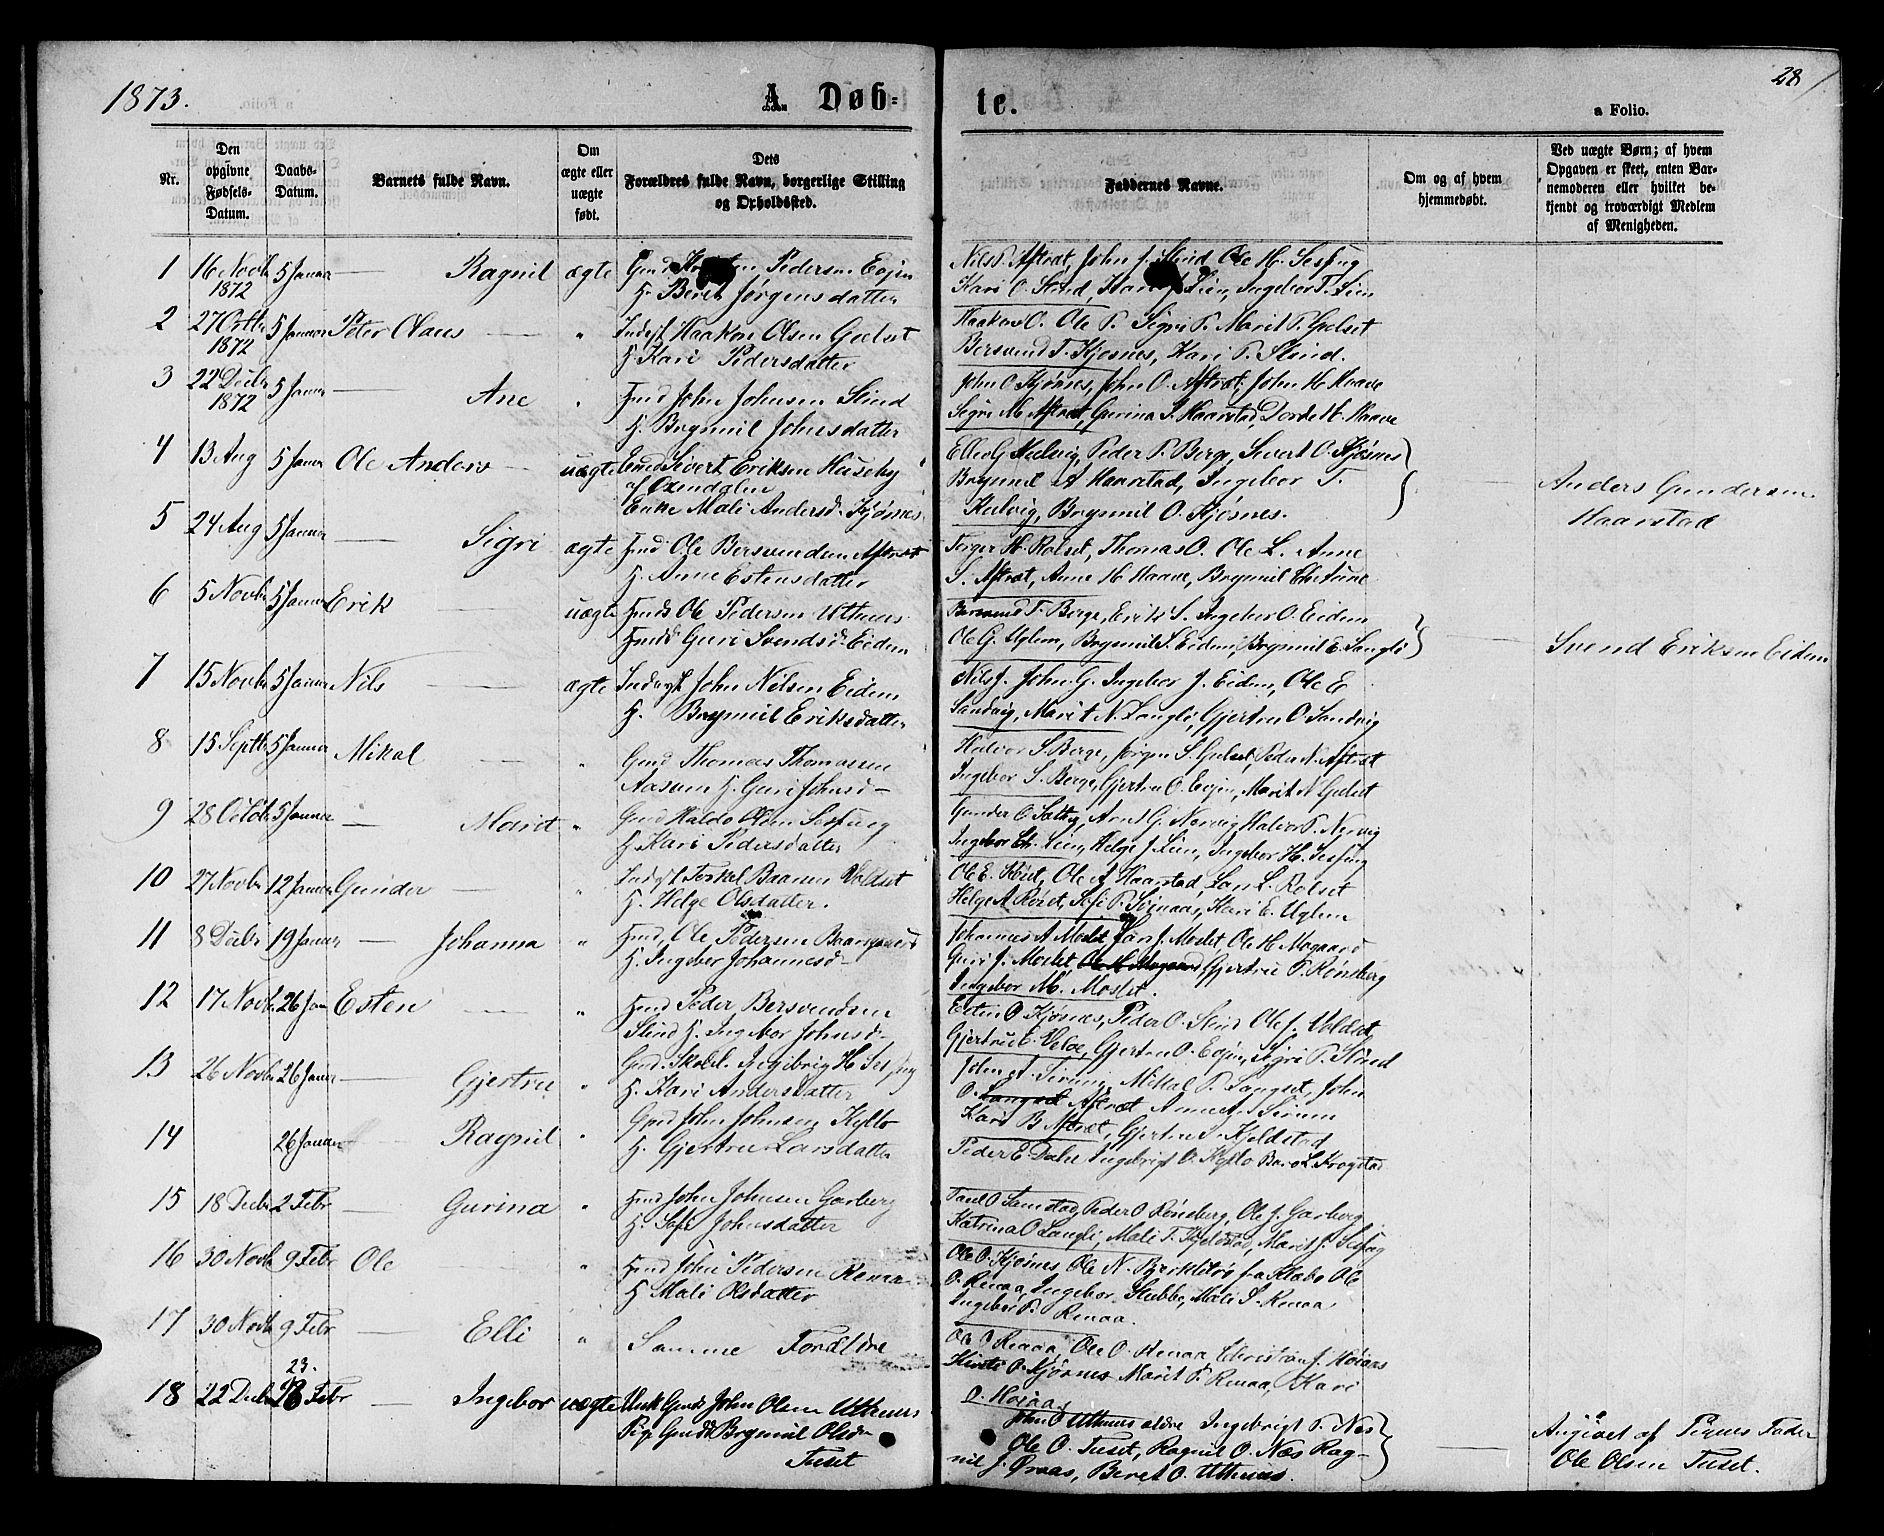 SAT, Ministerialprotokoller, klokkerbøker og fødselsregistre - Sør-Trøndelag, 695/L1156: Klokkerbok nr. 695C07, 1869-1888, s. 28